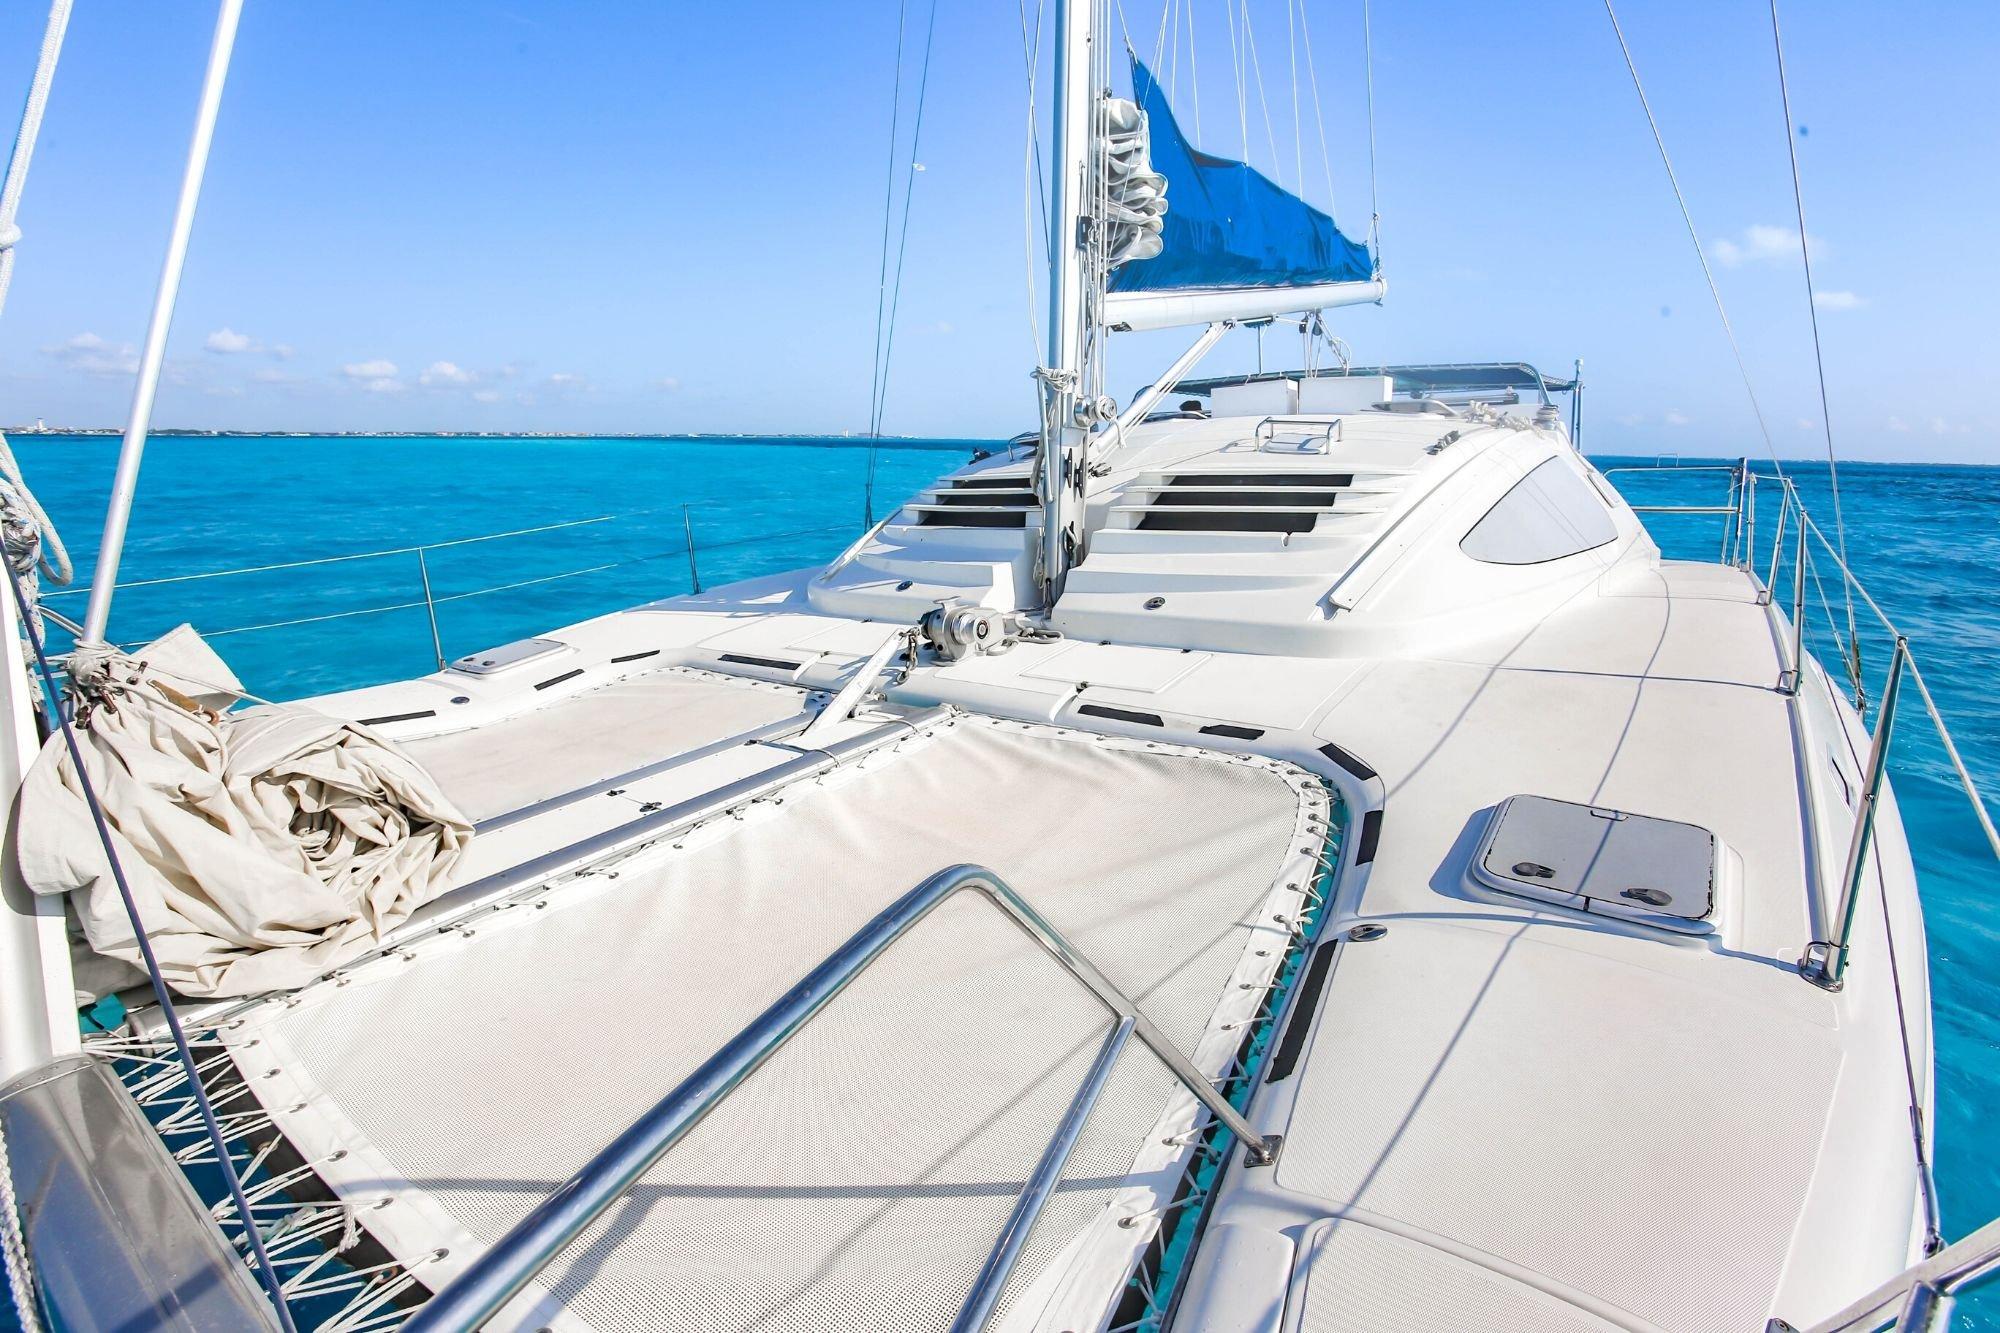 7 - HiRes - Pachanga - Private Isla Mujeres catamaran tour - Cancun Sailing